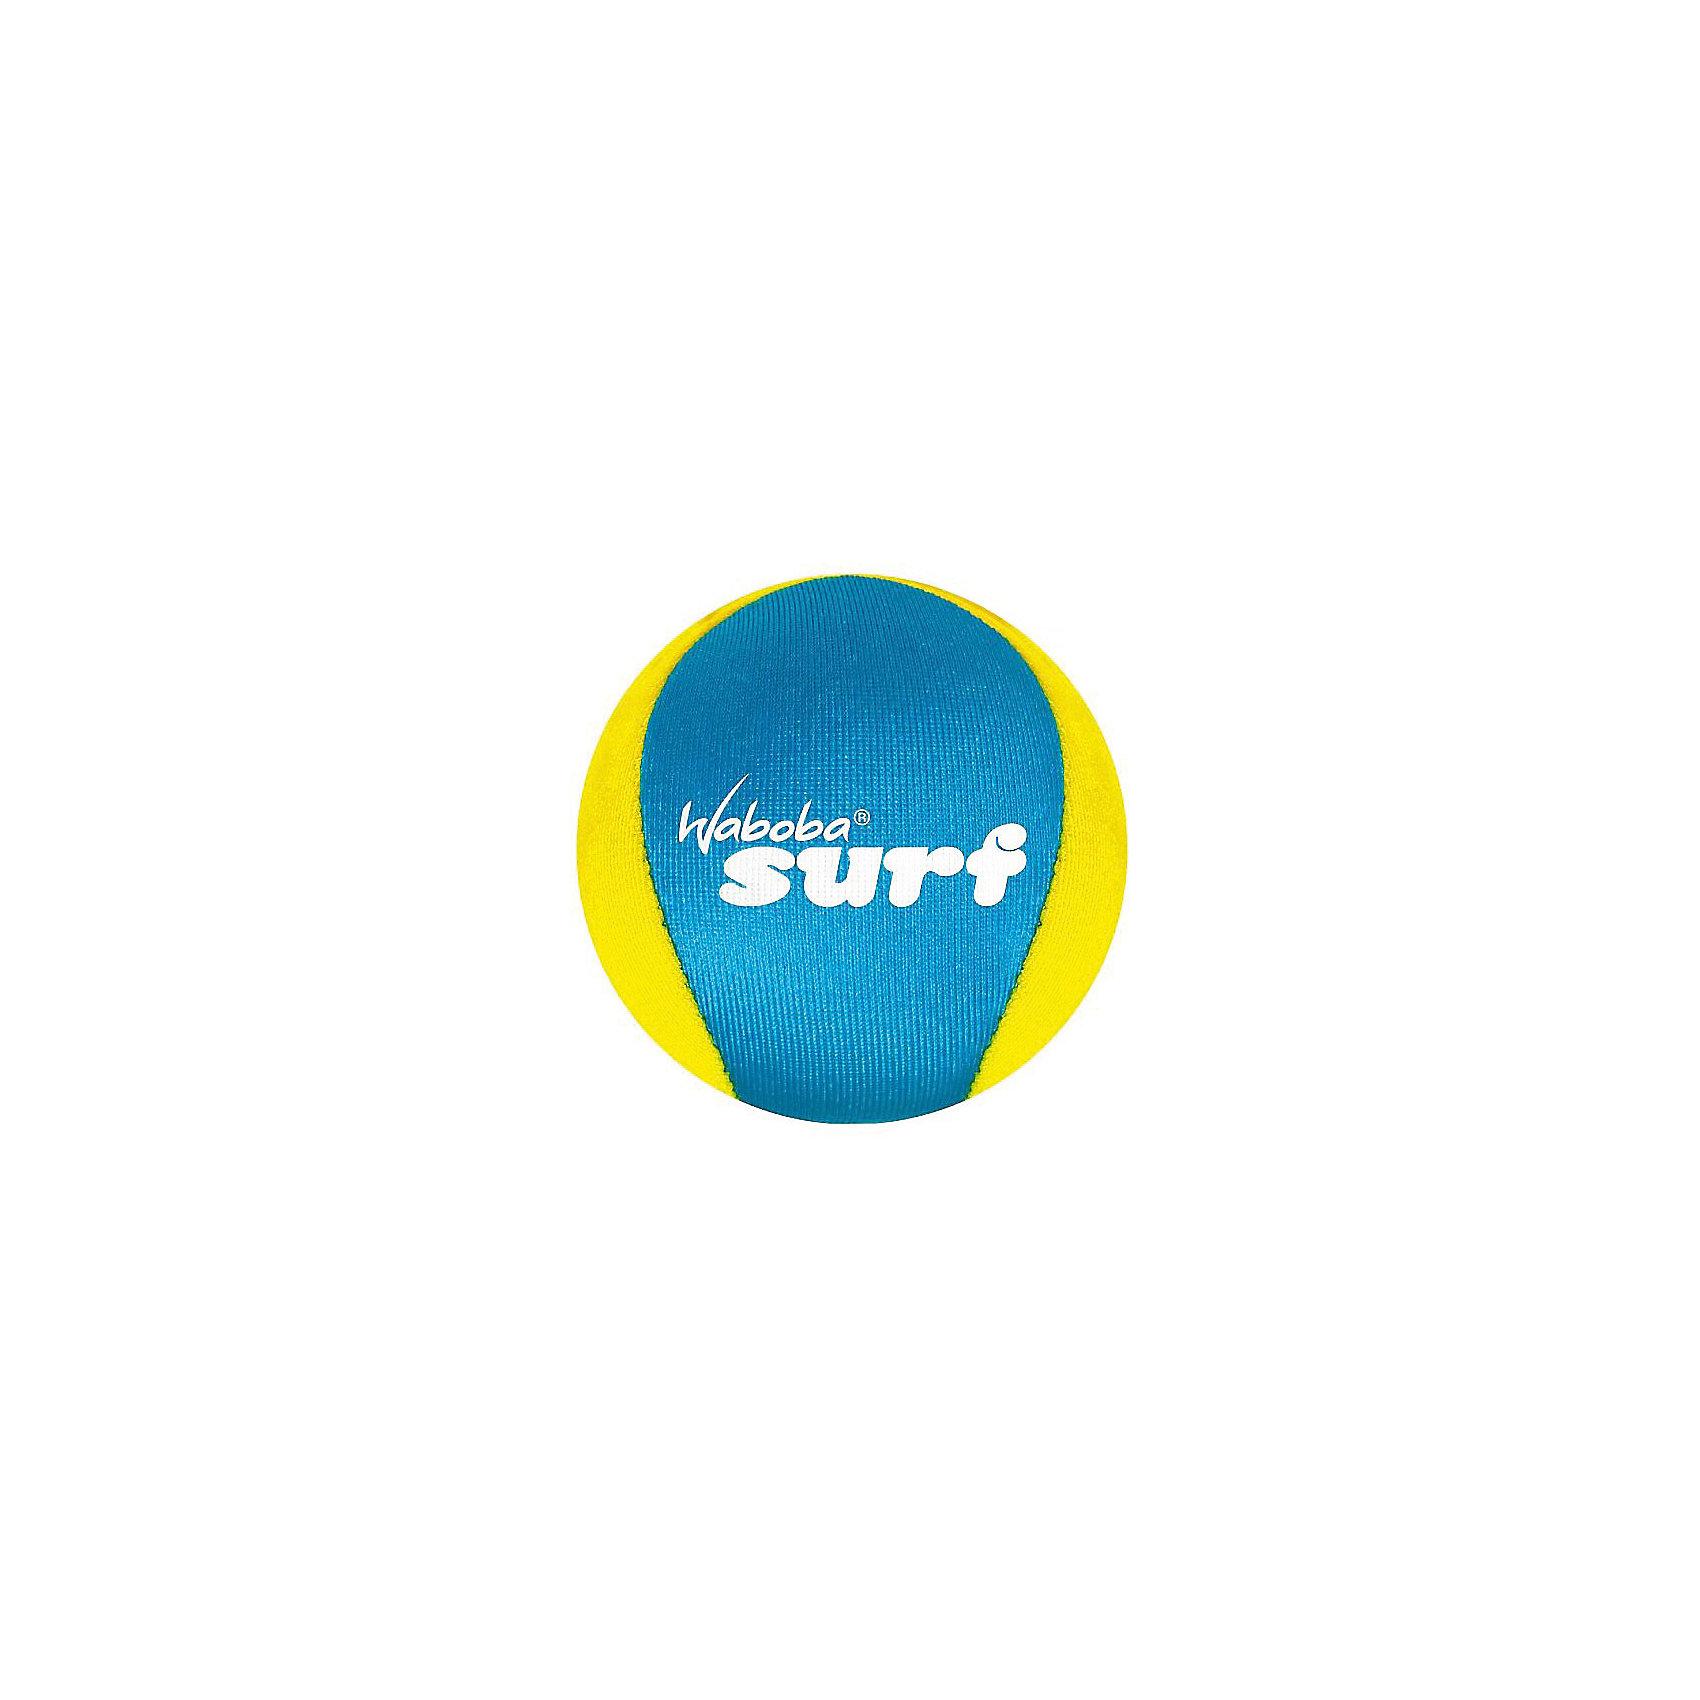 Мяч Waboba Ball New Surf, WabobaИгровые наборы<br>Характеристики товара:<br><br>• материал: полимер<br>• диаметр: 6 см<br>• цвет: желтый<br>• прочный материал<br>• отскакивает от воды высоко<br>• возраст: от 3 лет<br>• вес: 100 г<br>• страна бренда: Швеция<br>• страна производства: Китай<br><br>Новый вид активного пляжного отдыха: игры с мячами, отскакивающими от воды. Мячи Waboba - это отличный способ весело провести время всей семьей, с детьми или большой компанией. Мячи сделаны из прочного полимерного материала, они отлично держатся на воде, имею яркую расцветку.<br><br>Данная модификация разрабатывалась для использования в спокойной воде или открытых водоемах. Этот мяч высоко и быстро отскакивает от поверхности воды, поэтому играть с ним очень интересно.<br><br>Мяч, отскакивающий от воды, Waboba Ball New Surf, от популярного бренда Waboba можно купить в нашем интернет-магазине.<br><br>Ширина мм: 60<br>Глубина мм: 60<br>Высота мм: 60<br>Вес г: 90<br>Возраст от месяцев: 36<br>Возраст до месяцев: 192<br>Пол: Унисекс<br>Возраст: Детский<br>SKU: 5482366